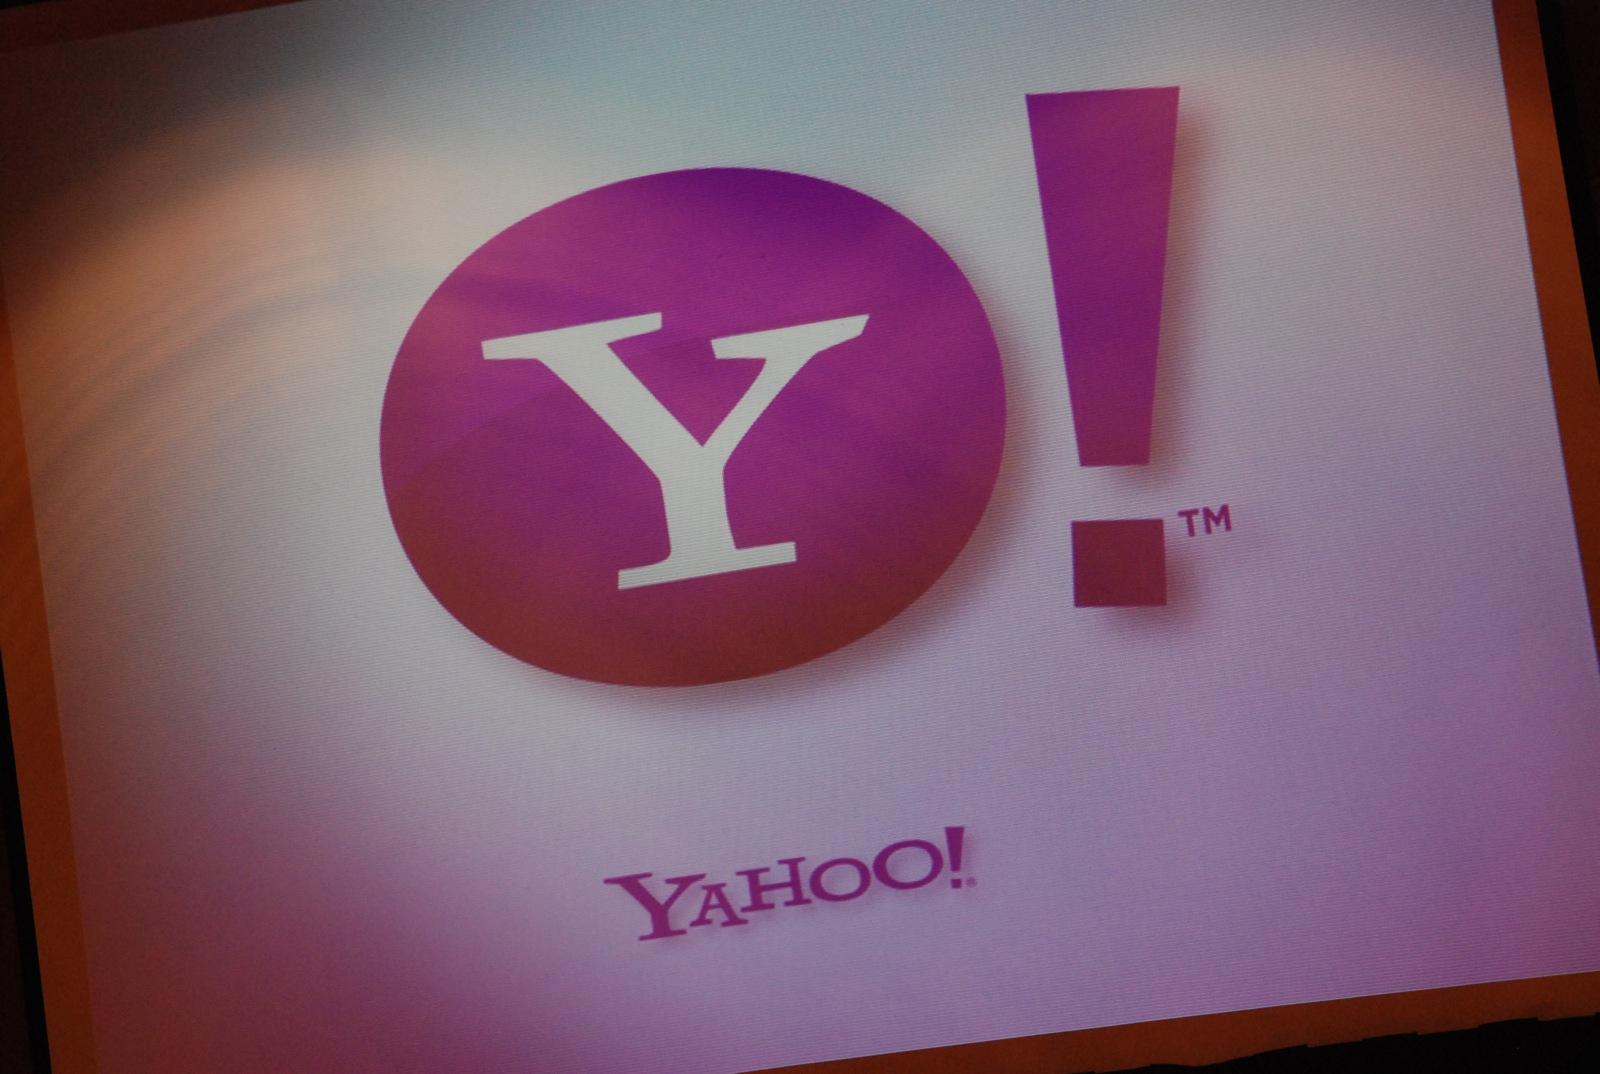 Yahoo! Foto: Josh Hallett